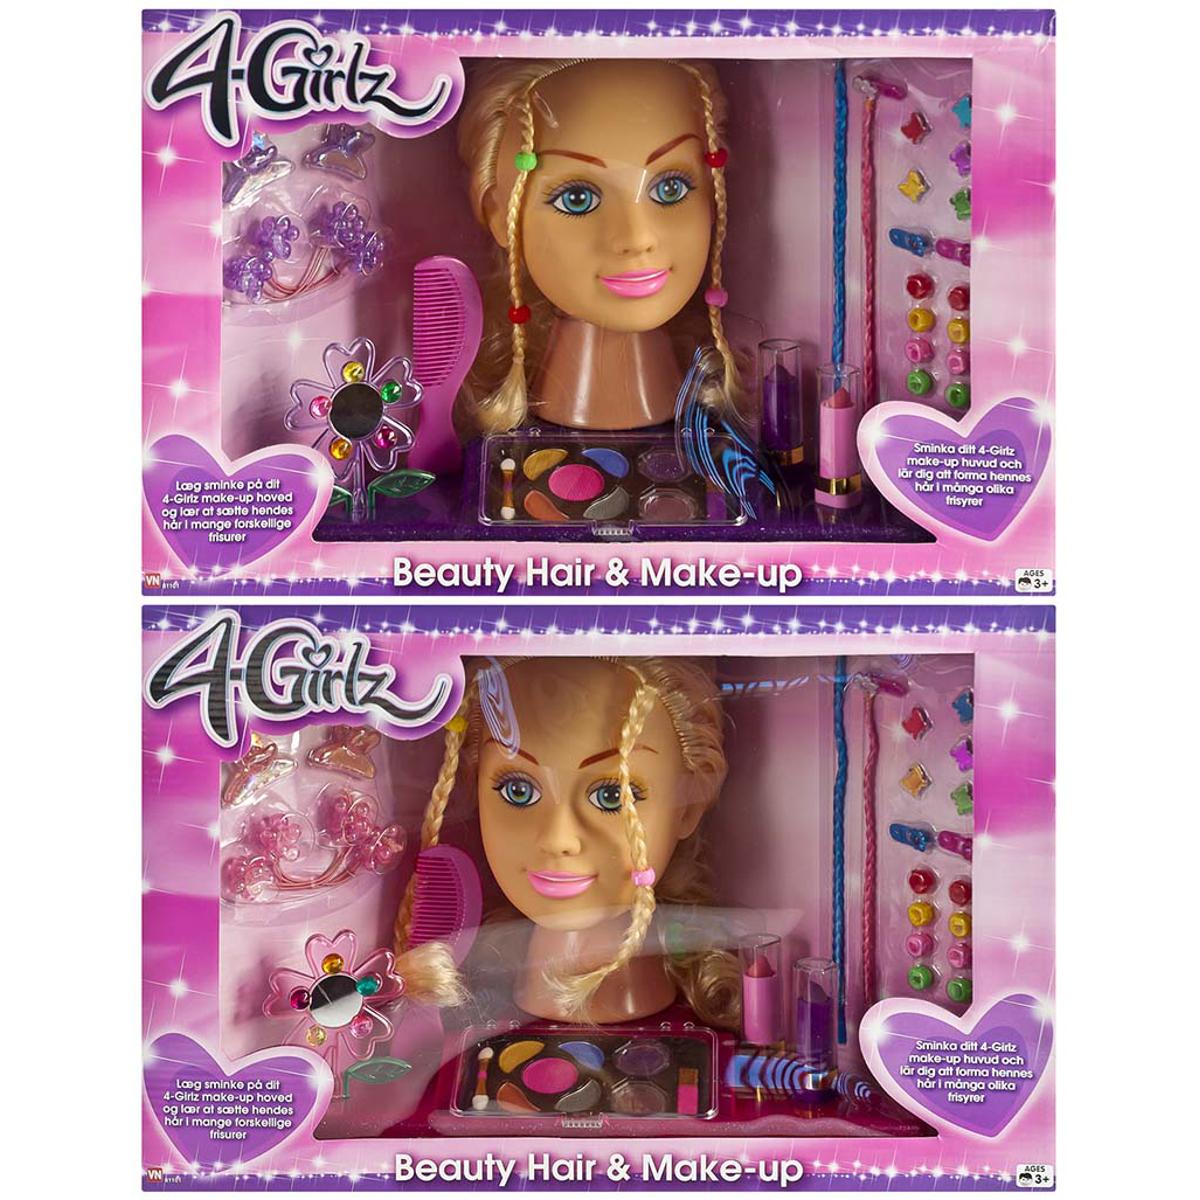 4-girlz beauty hair and makeup